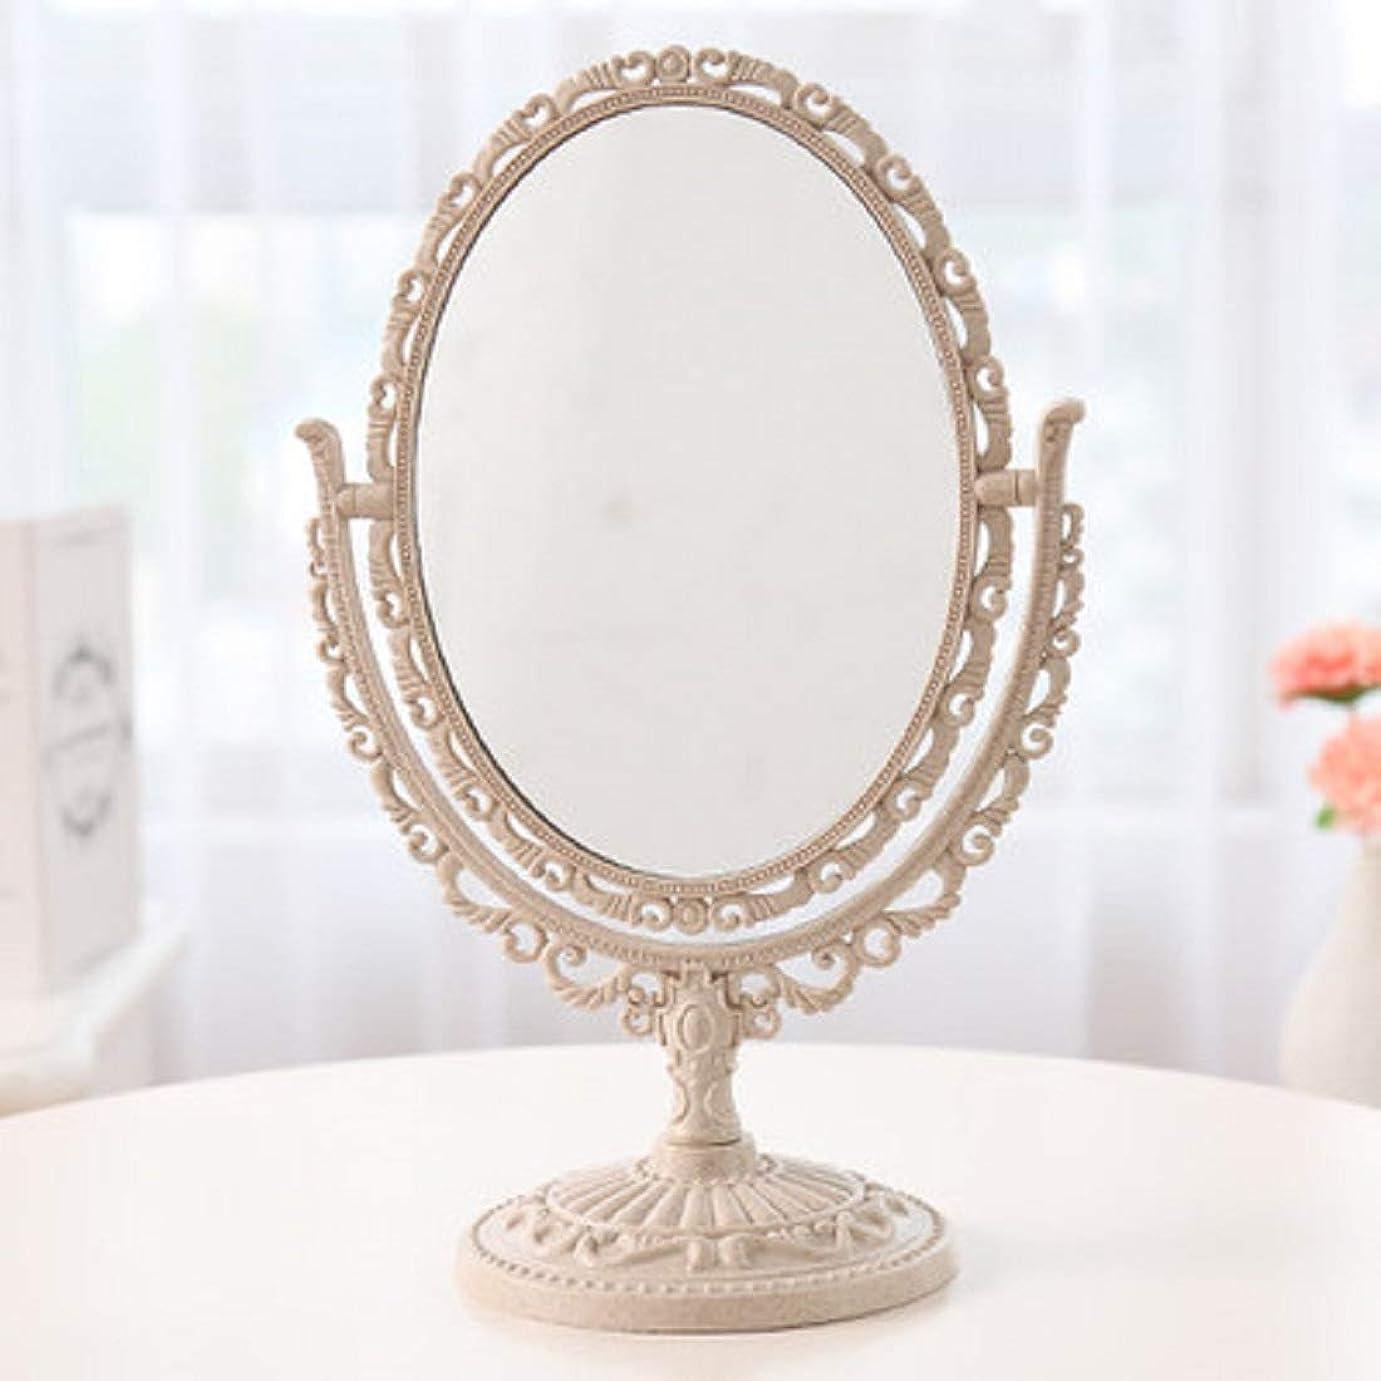 同僚チューインガム漏れ化粧鏡、化粧鏡、両面化粧鏡、デスクトップ化粧鏡、360度回転、スタンド付き化粧鏡(麦わら素材)